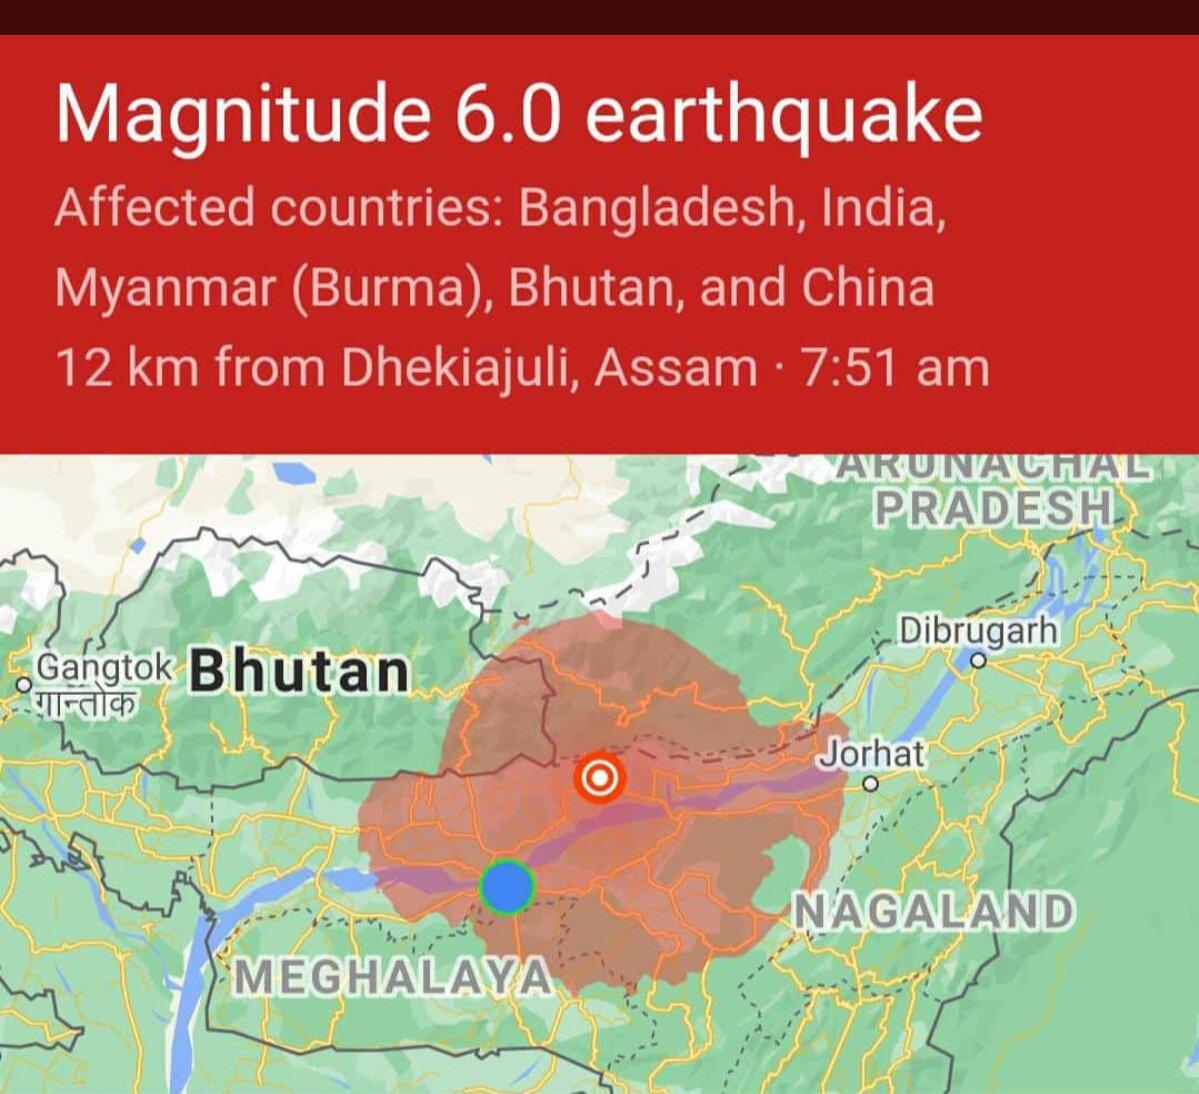 असम में आया तेज भूकंप, कई नेताओं ने ट्वीट करके की लोगों के लिए प्रार्थना